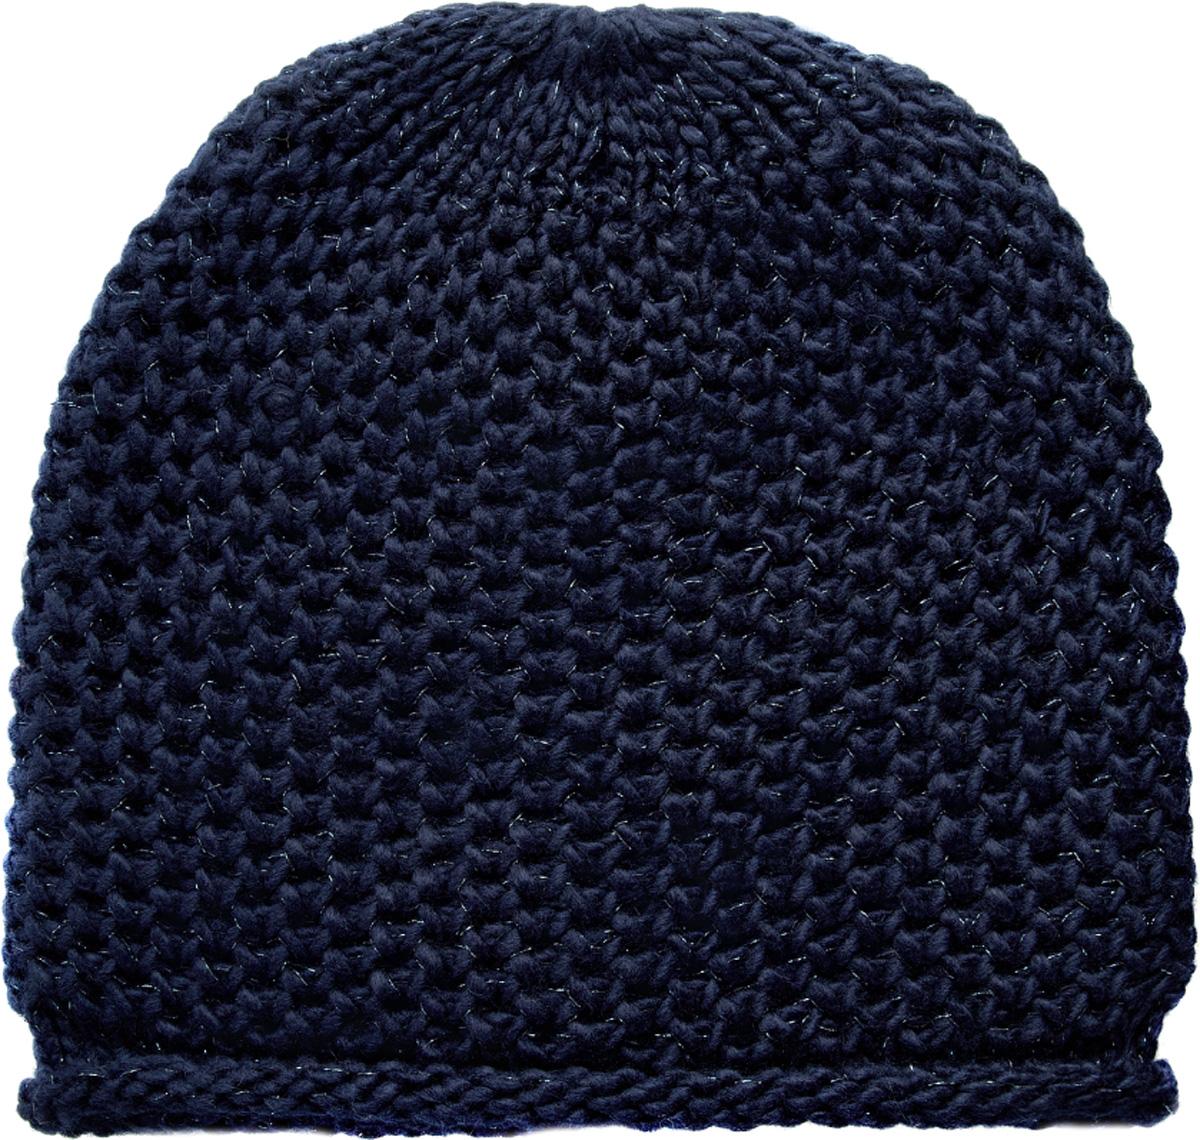 Шапка женская oodji, цвет: темно-синий. 47602059-1/47107/7900X. Размер XS/L (55/58)47602059-1/47107/7900XЖенская вязаная шапка от oodji выполнена из акриловой пряжи с добавлением люрекса.